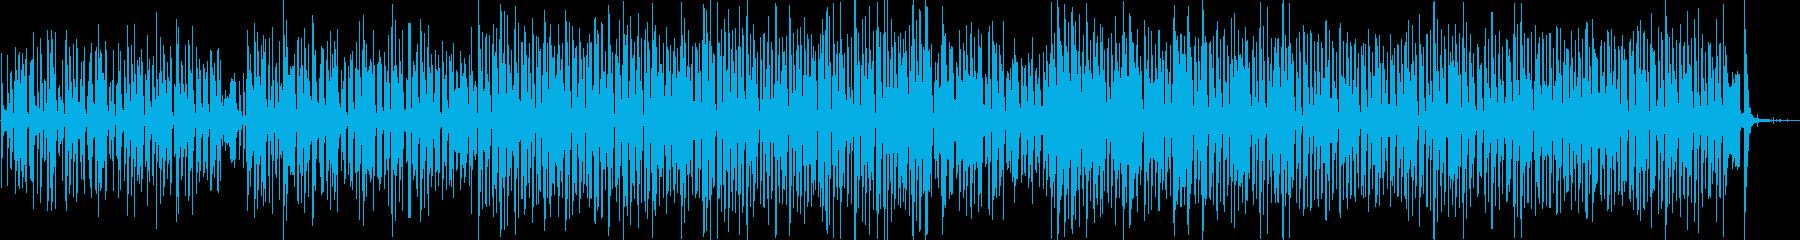 シネマティック 感情的 楽しげ ク...の再生済みの波形